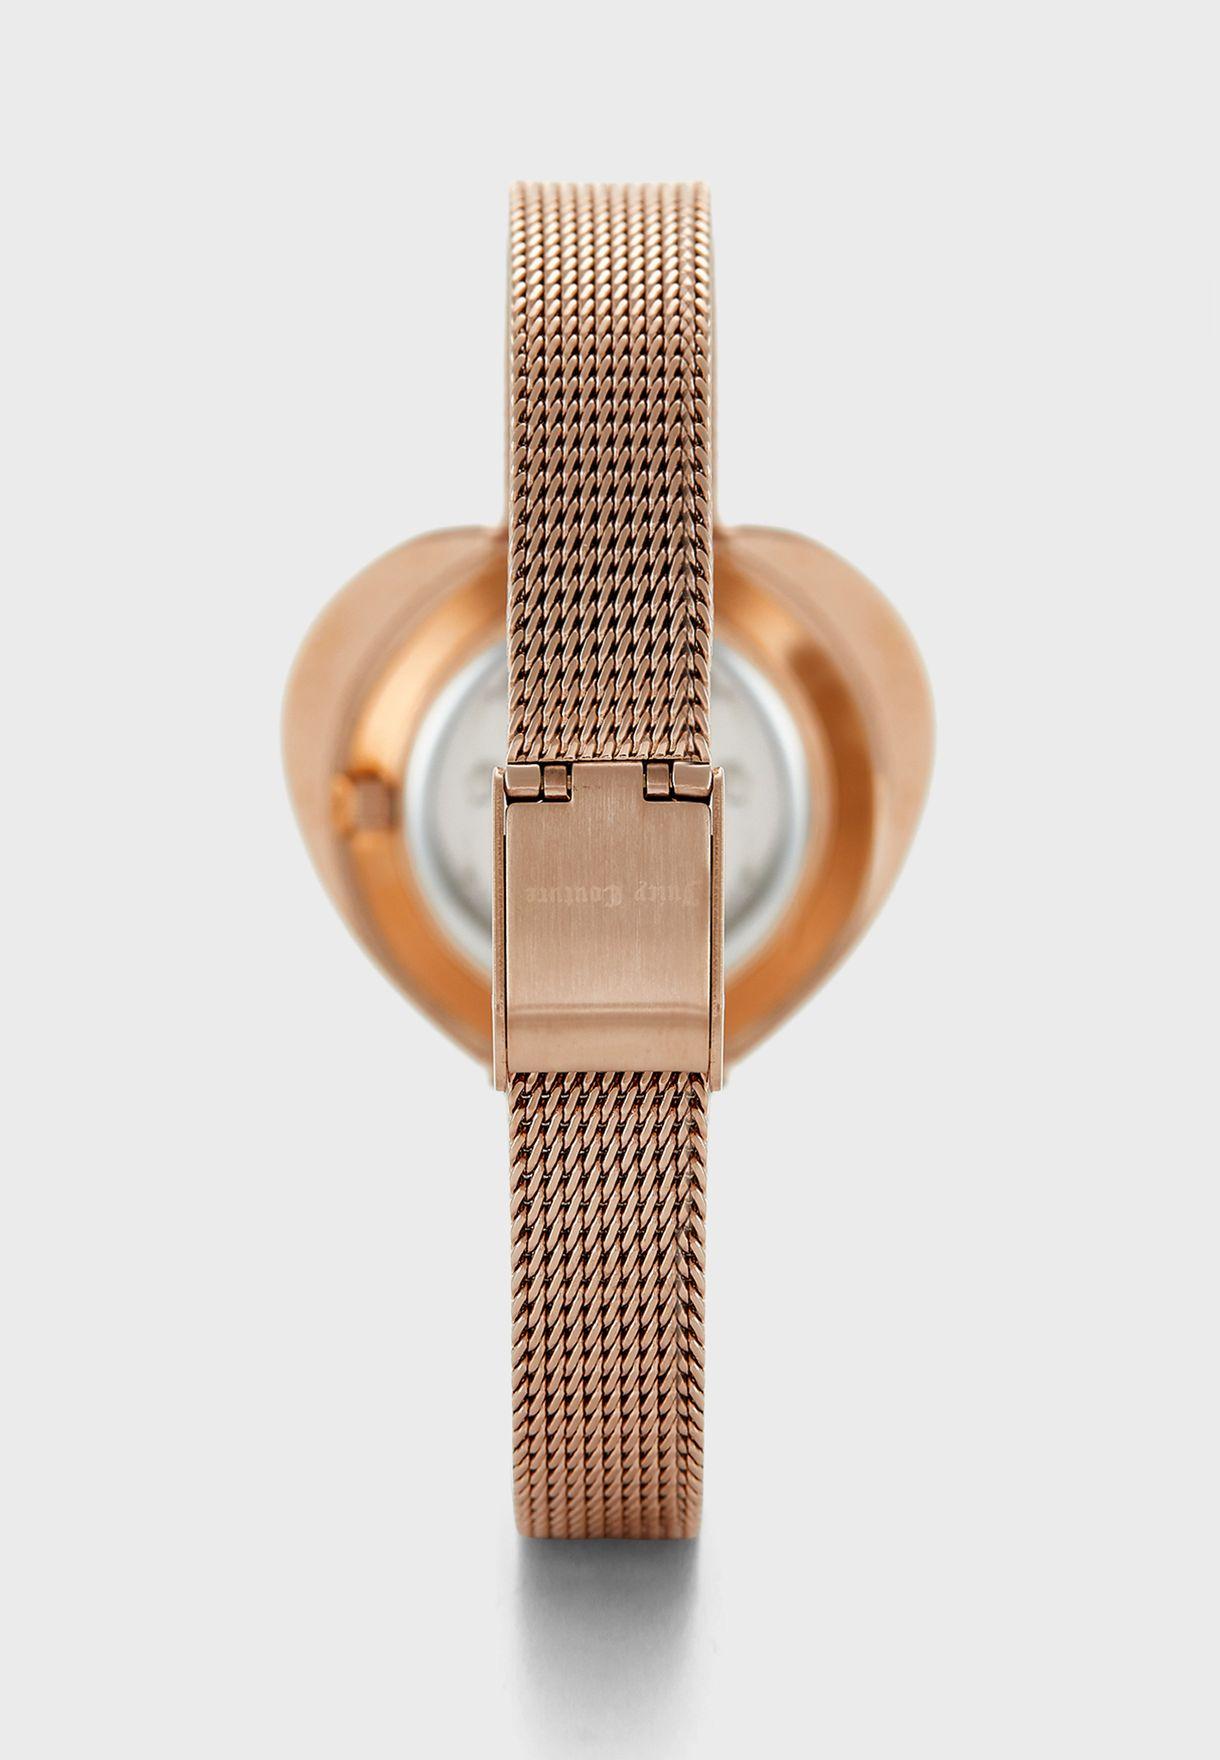 Mesh Strap Analog Watch+Rings Set